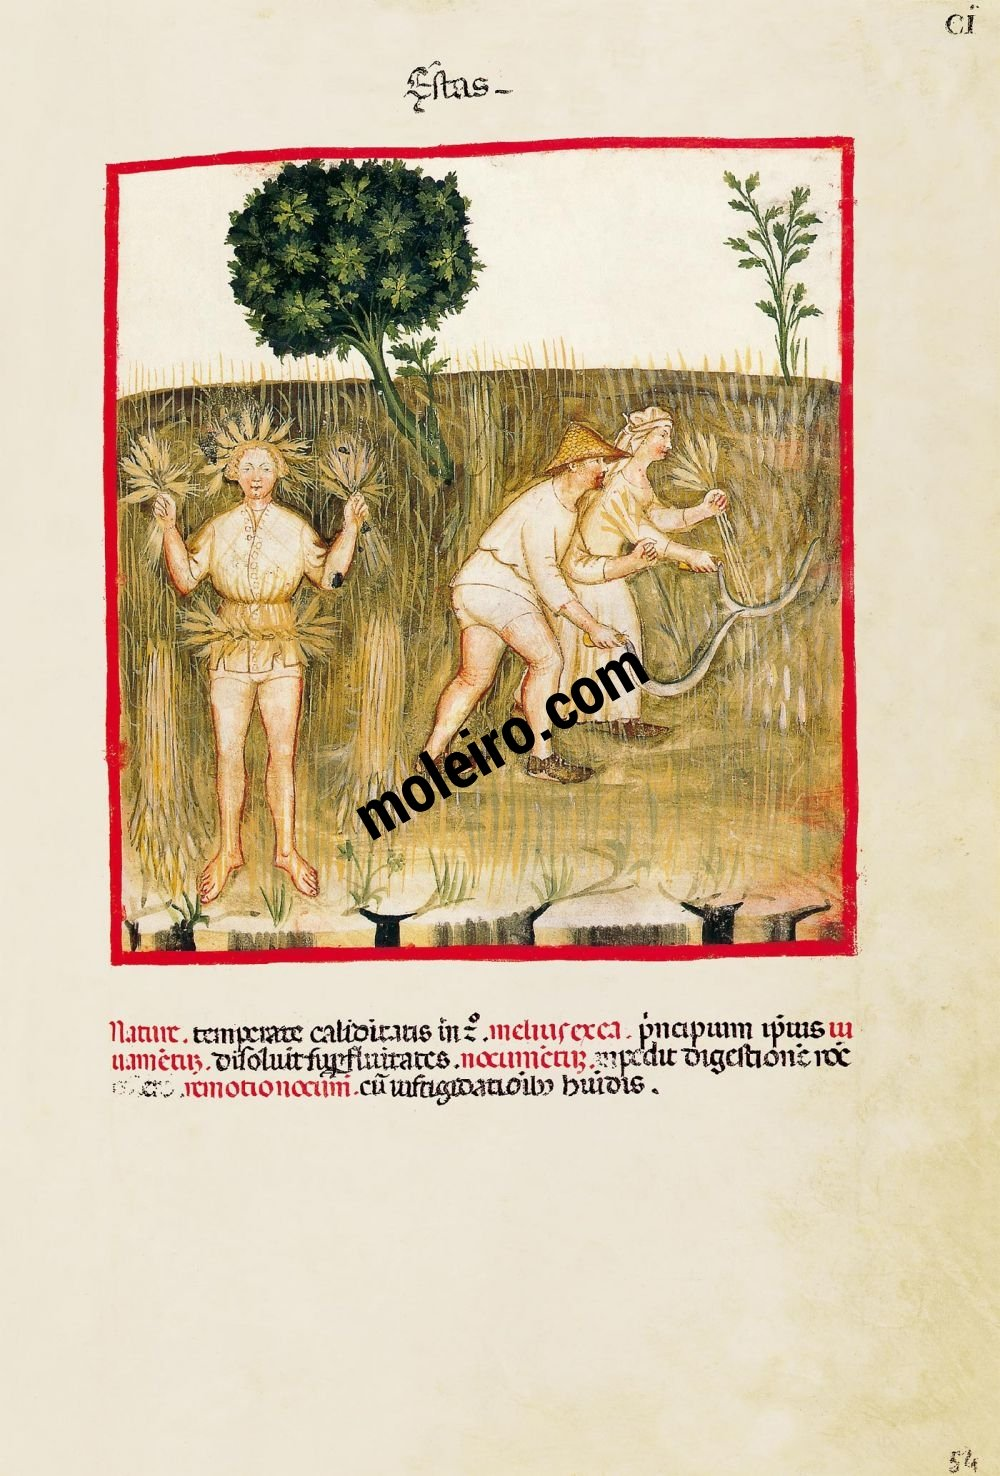 Theatrum Sanitatis f. CI, Summer